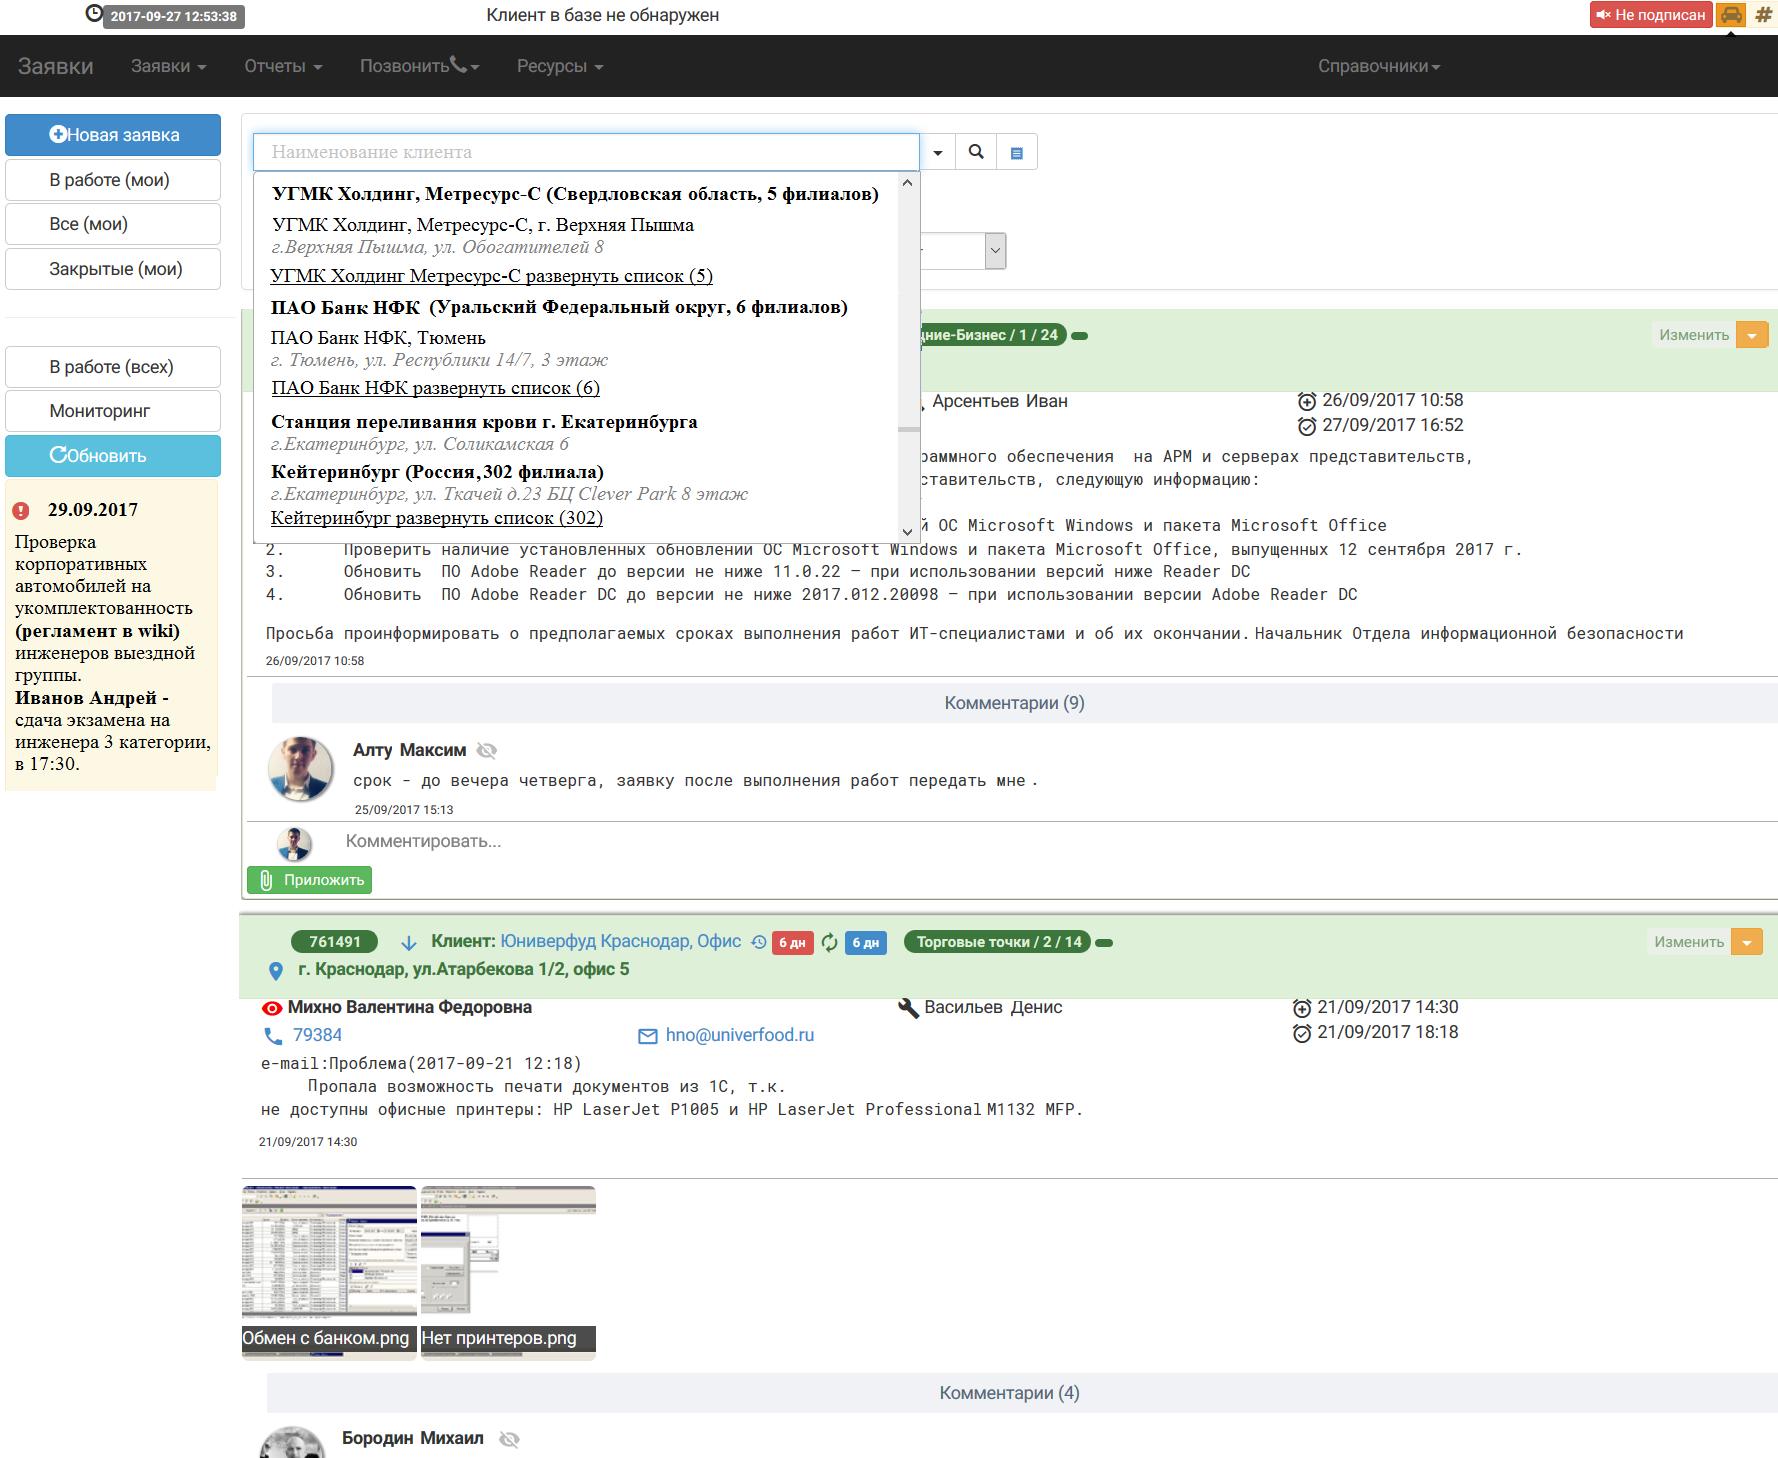 Автоматизация ИТ аутсорсинга и IT-услуг с помощью ServiceDesk